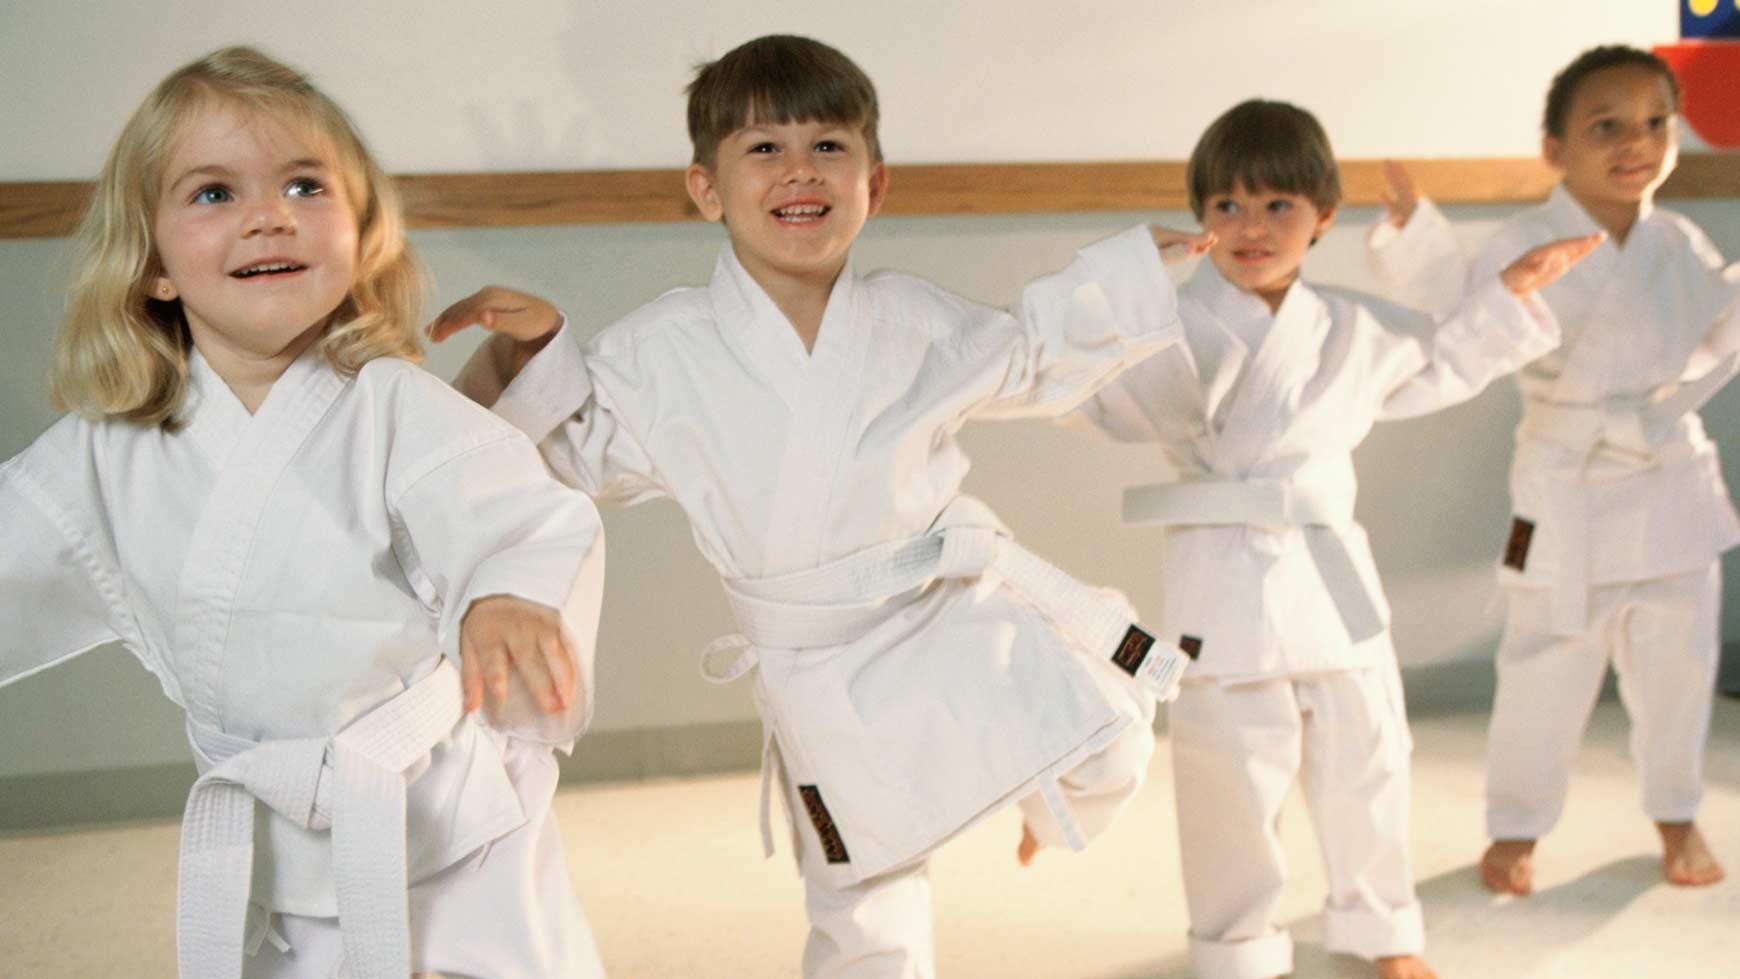 Las artes marciales ayudan a los niños a lidiar con sus sentimientos 1